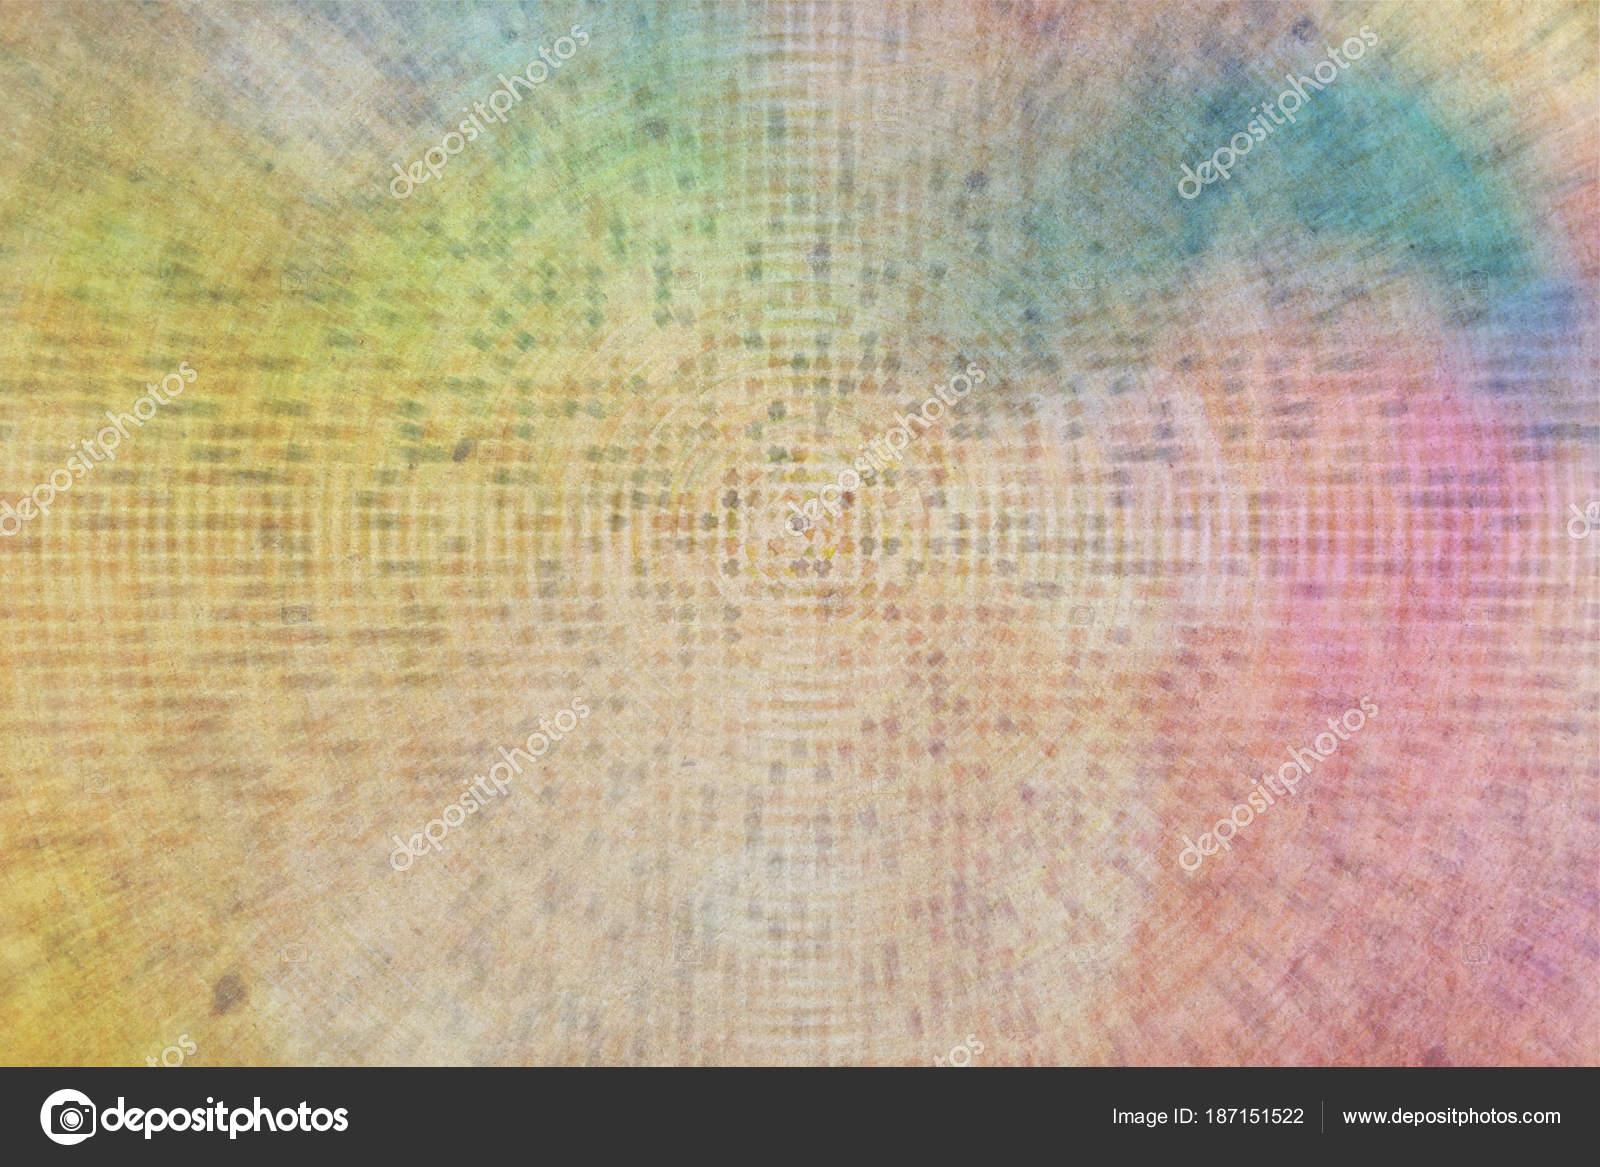 Fotobehang Meerdere Fotos.Generatieve Meerdere Shapes Pixel Mozaiek Voor Design Behang Te